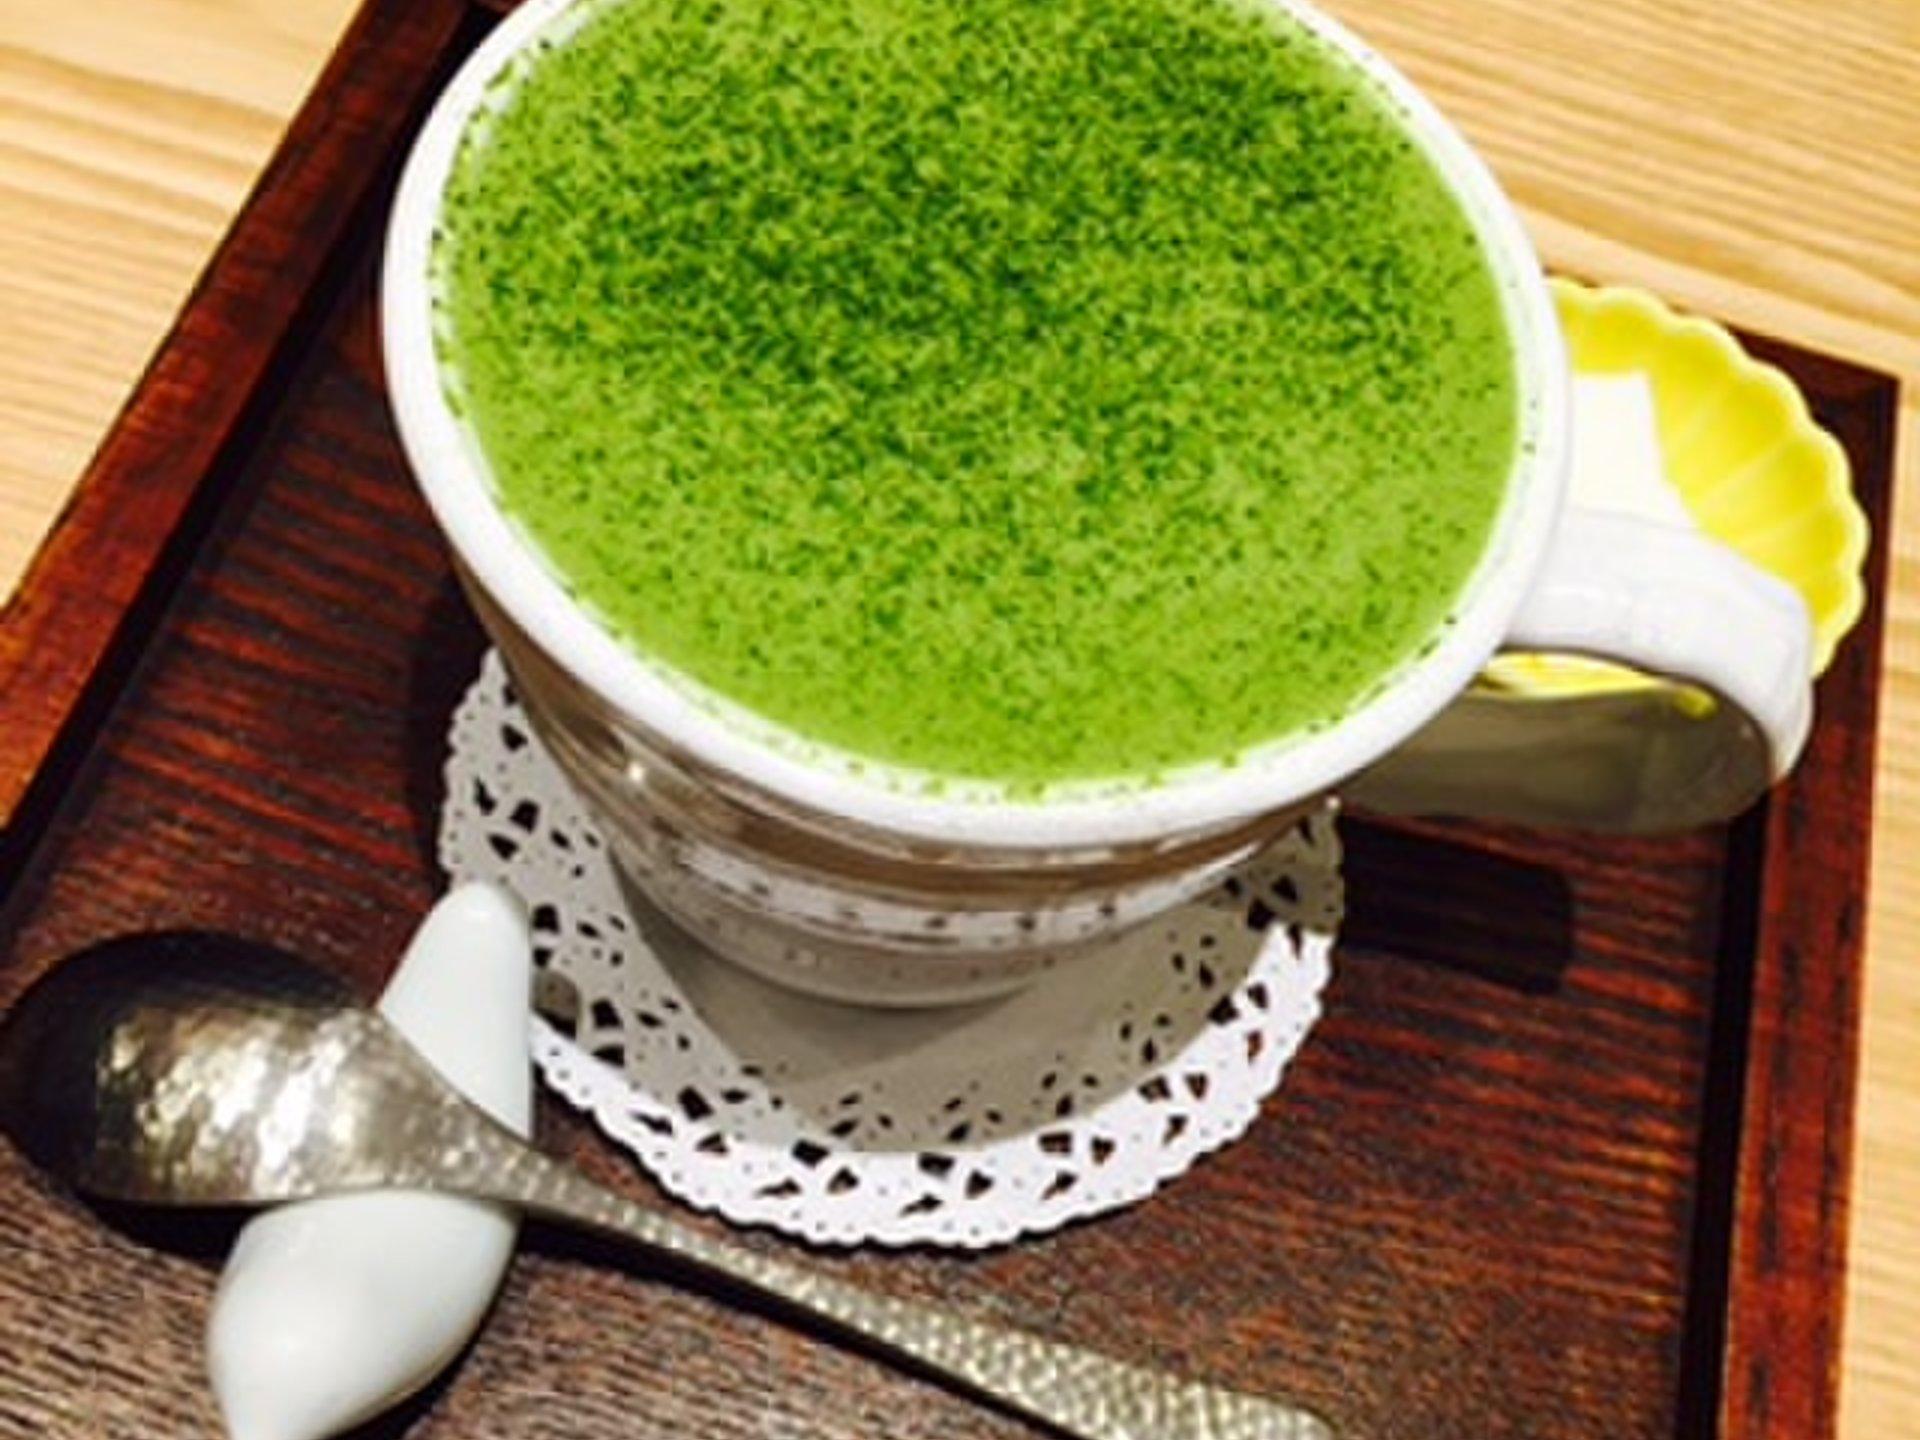 【有楽町・銀座おすすめ3選】プチ贅沢ランチに和風カフェでティータイム!よくばり女子会♡